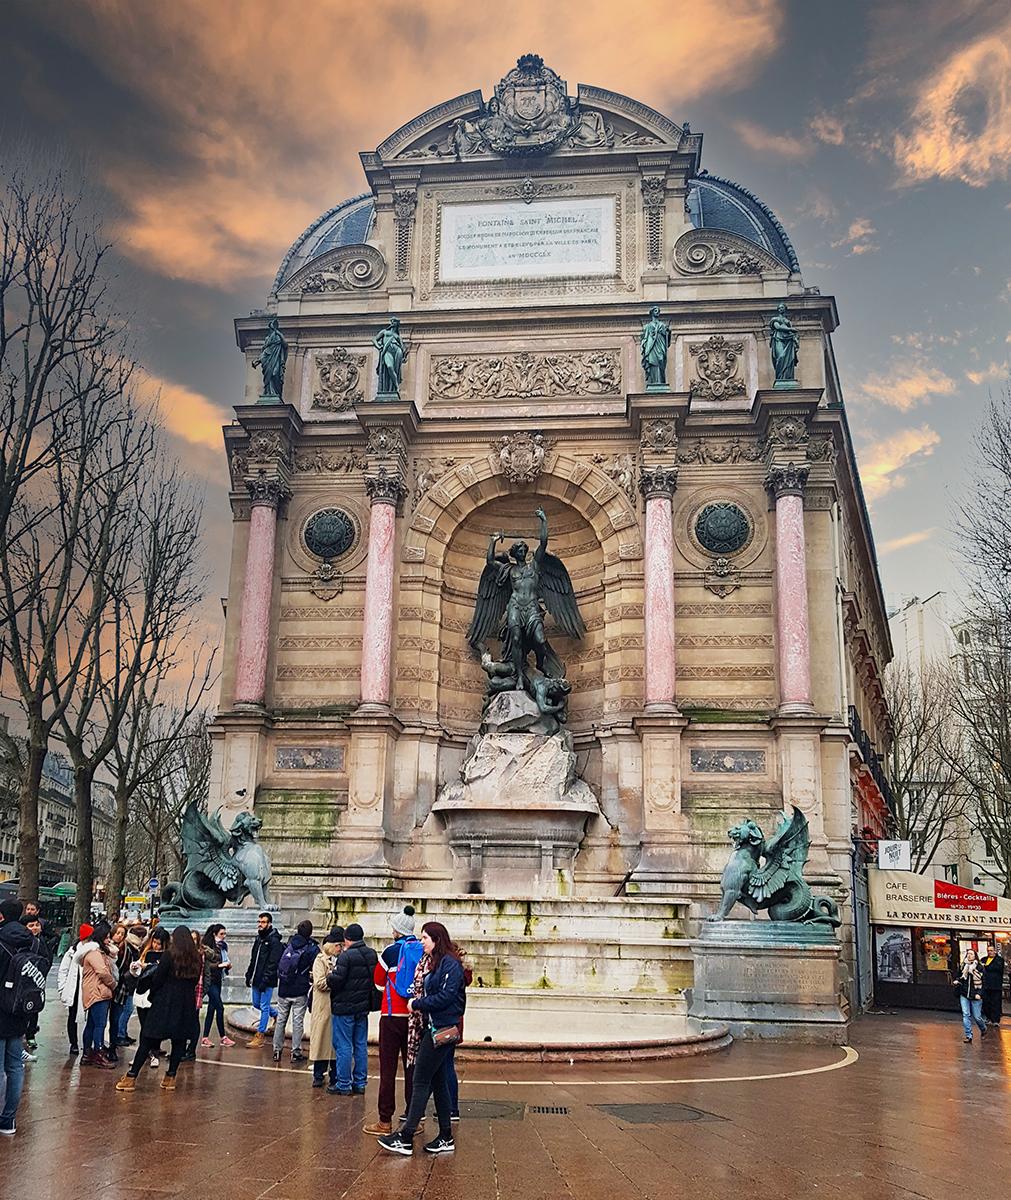 Saint-Michel fountain, Paris